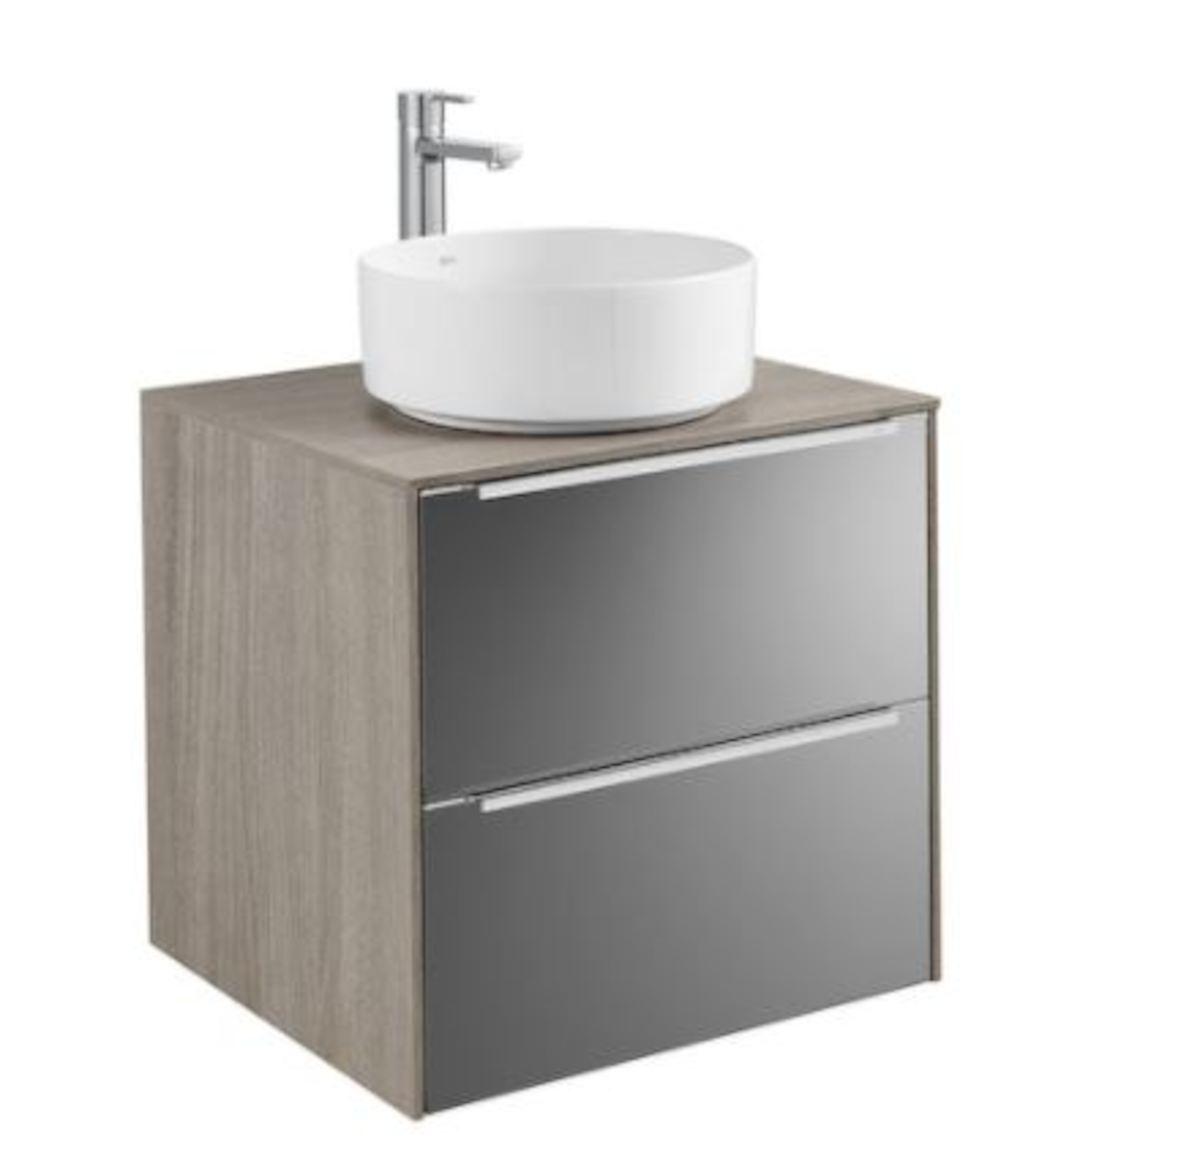 Kúpeľňová skrinka pod umývadlo Roca Inspira 60x49,8x54 cm v kombinácii dub / čierne sklo A851079403